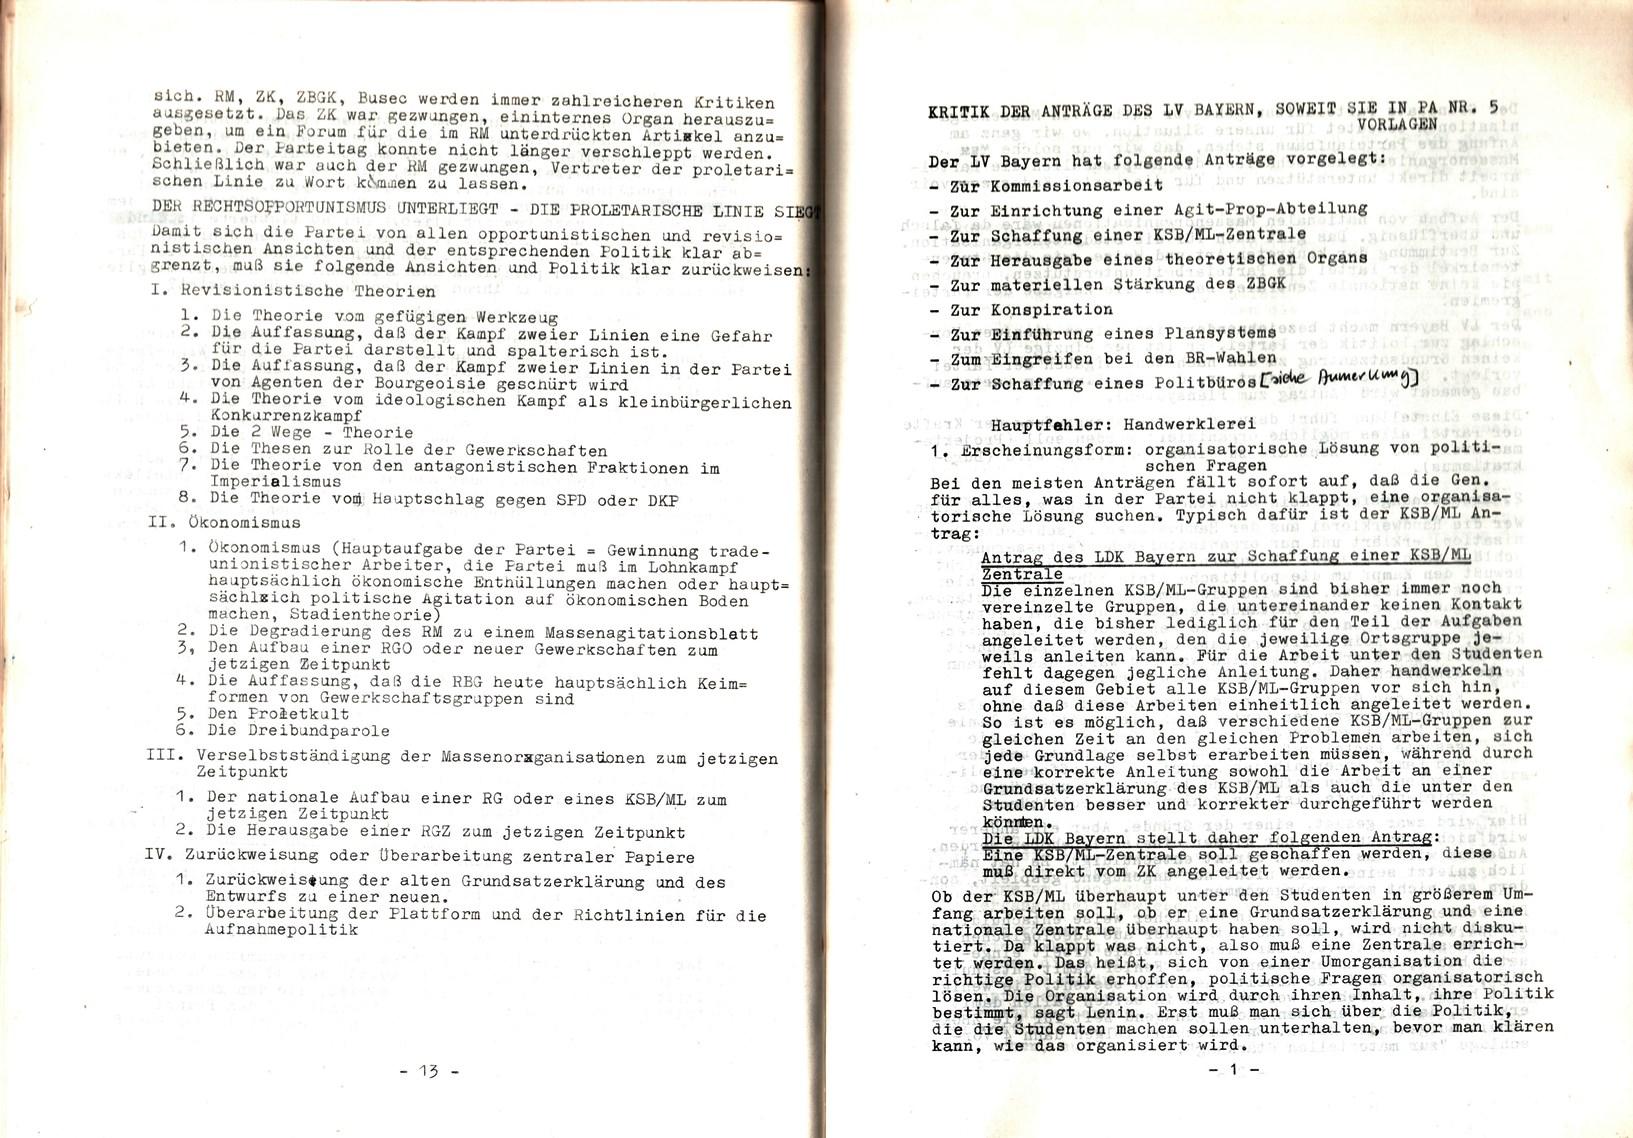 KPDML_1971_Analysen_und_Antraege_des_LV_Sued_West_050